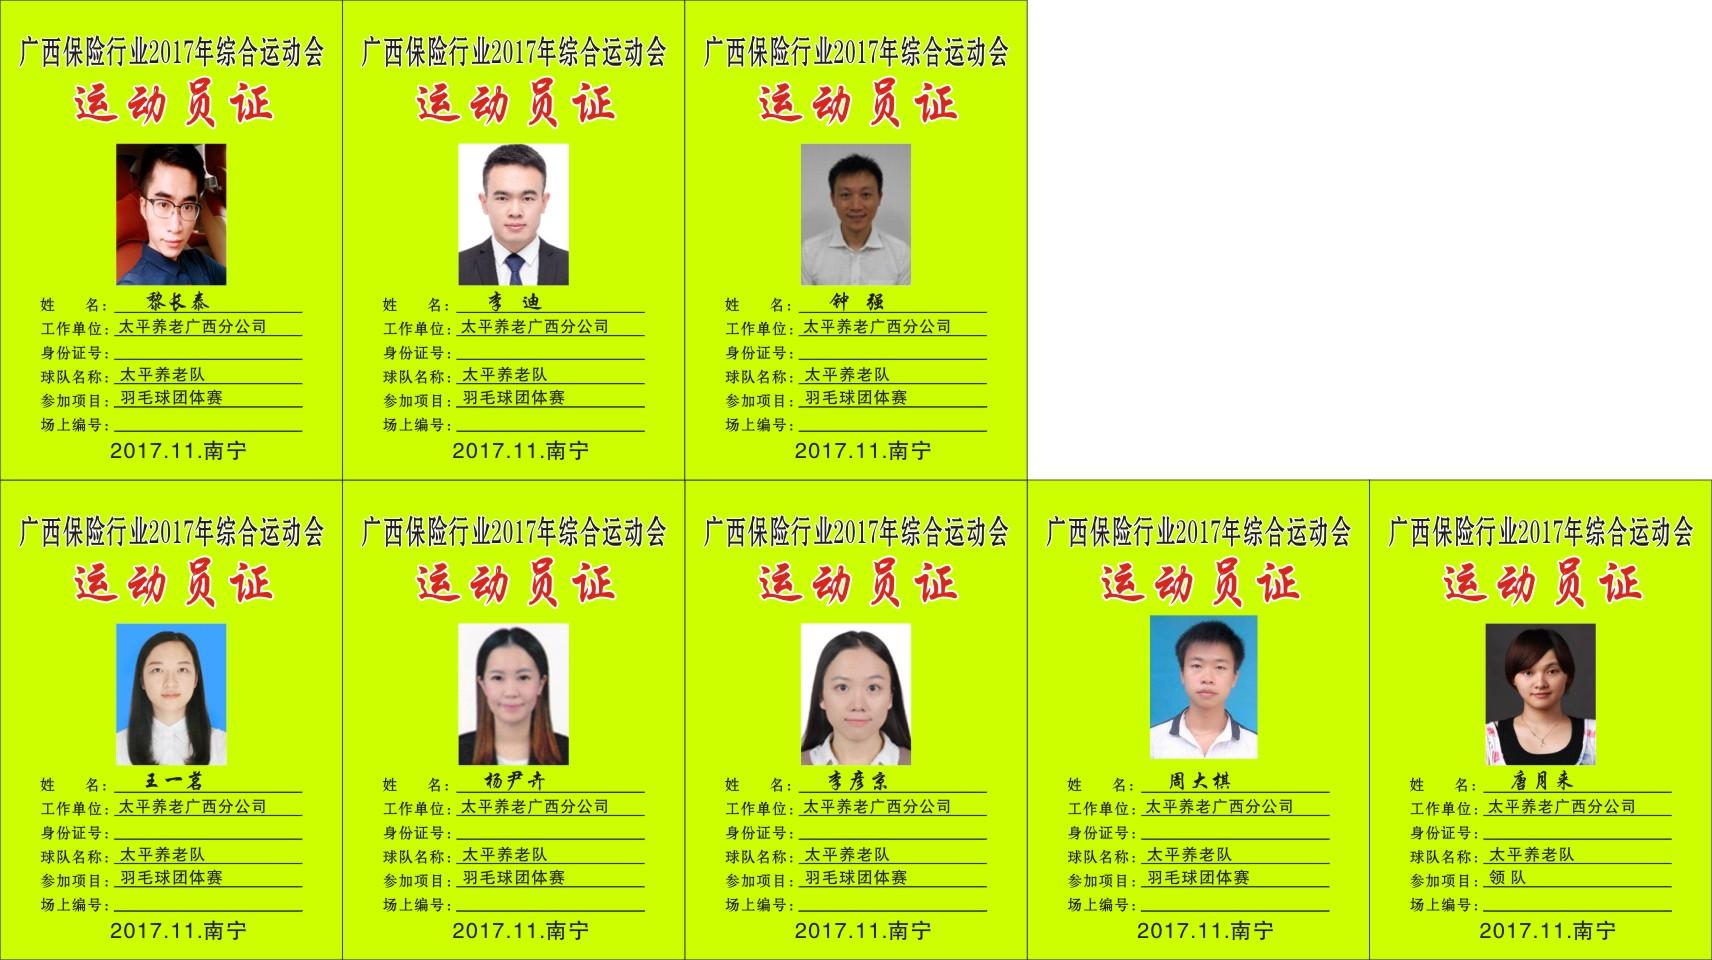 8太平养老广西分公司.jpg